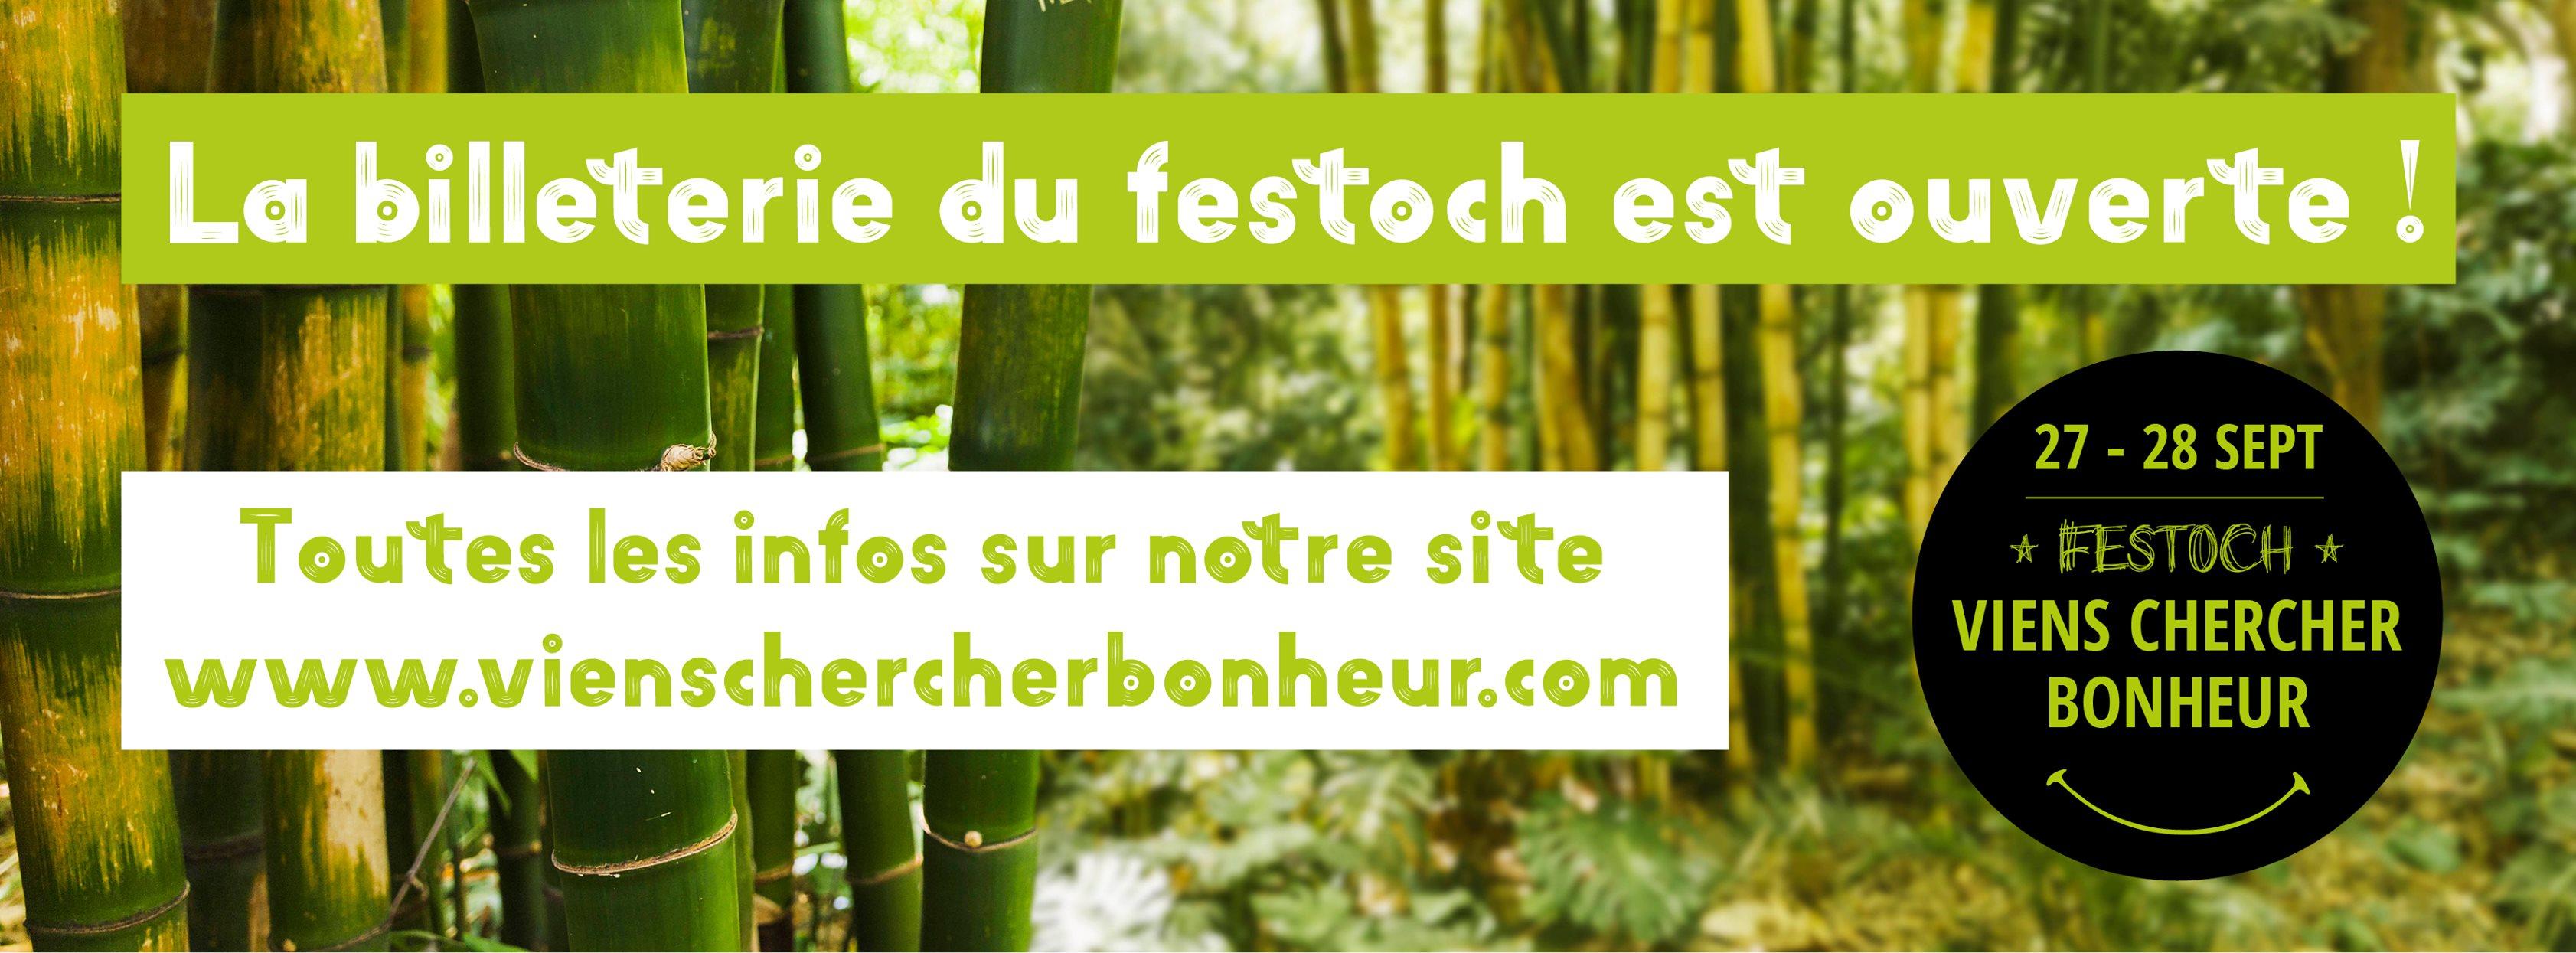 Viens Chercher Bonheur 2019 La 18ème édition du Festoch' Viens Chercher Bonheur aura lieu les 27 et 28 septembre 2019 au Pâtis à Meigné-le-Vicomte (49).  L'idée est de proposer [...]